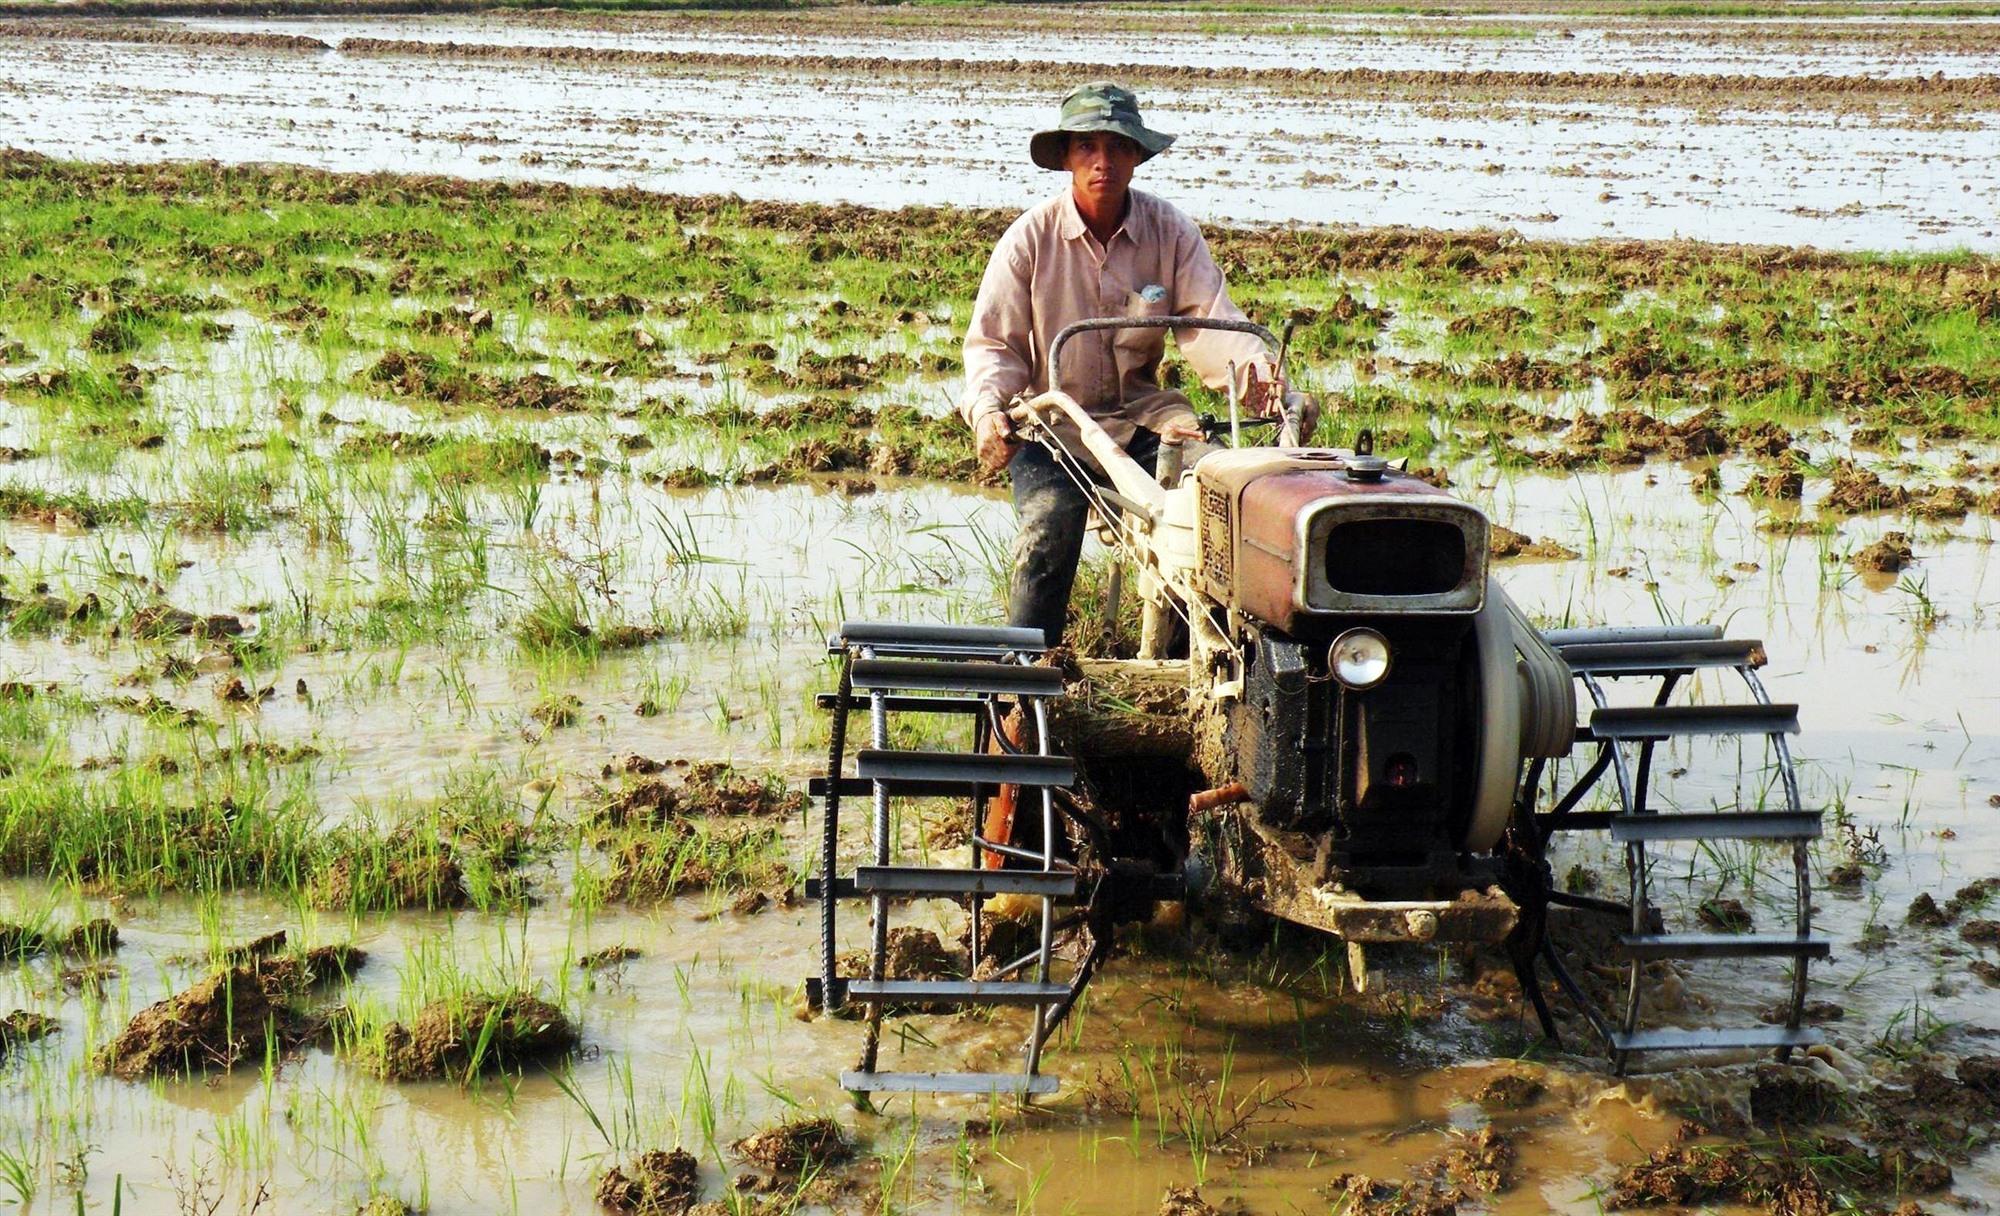 Cơ giới hóa sản xuất nông nghiệp hàng hóa ở huyện Thăng Bình đem lại thu nhập khá cho nông dân. Ảnh: VIỆT QUANG